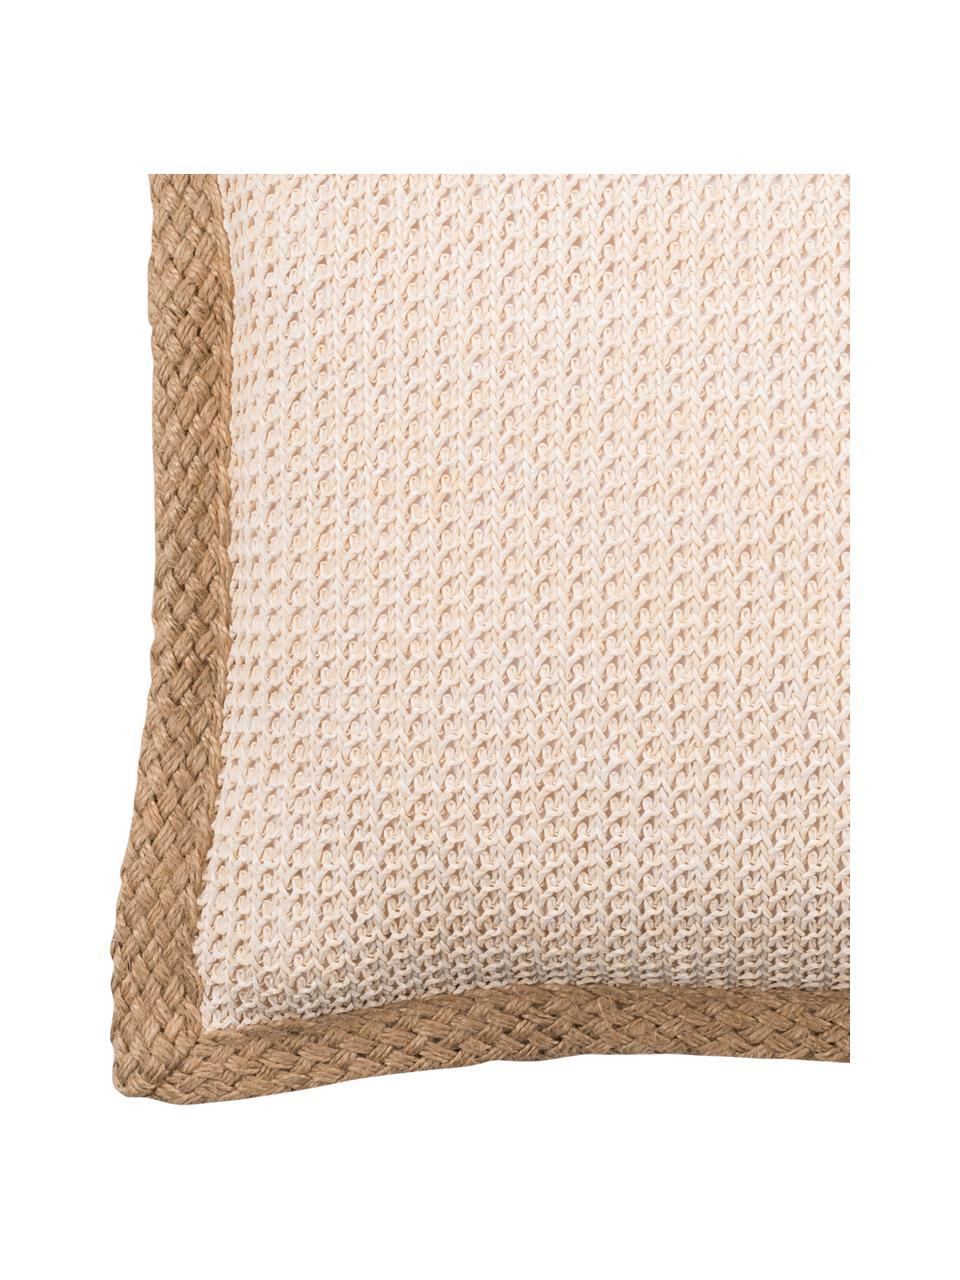 Poszewka na poduszkę z lamówką z juty Tally, 50% juta, 50% bawełna, Biały, beżowy, S 45 x D 45 cm